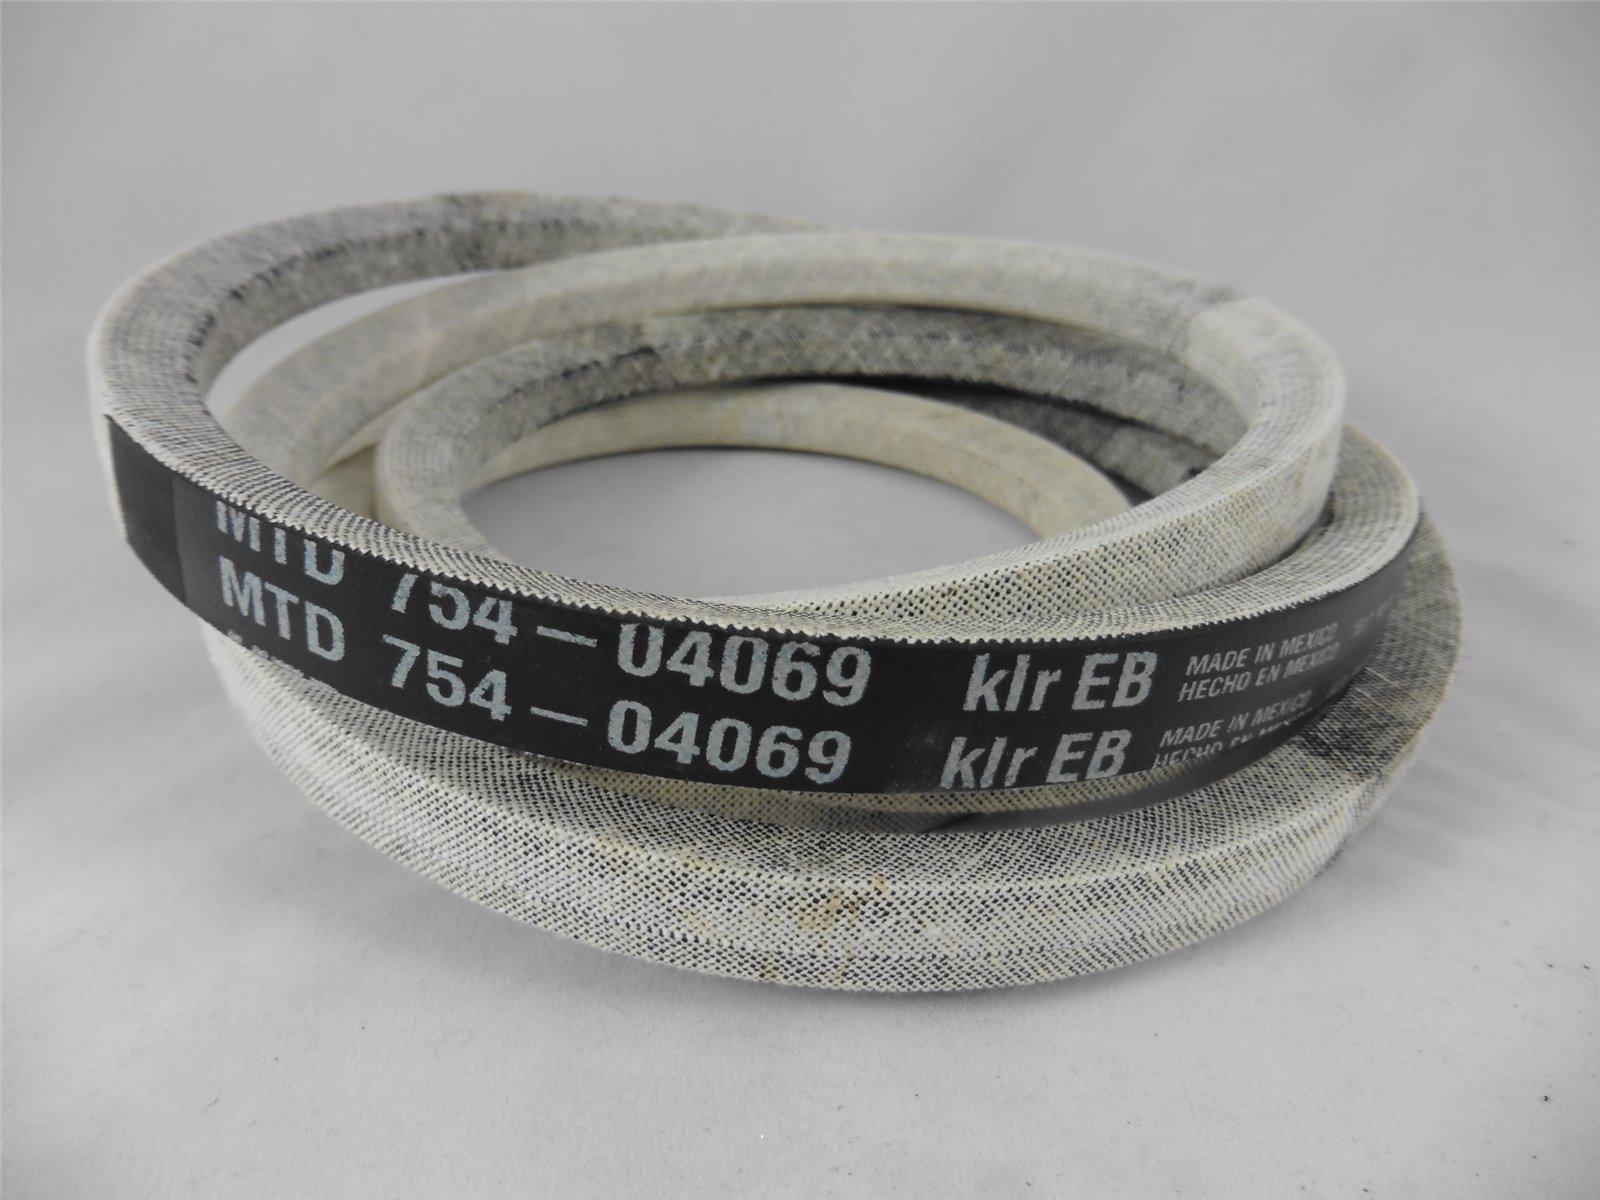 2008 tondeuse! Courroies trapézoïdales GUTBROD GLX 105 rhl-K 13bg516n690